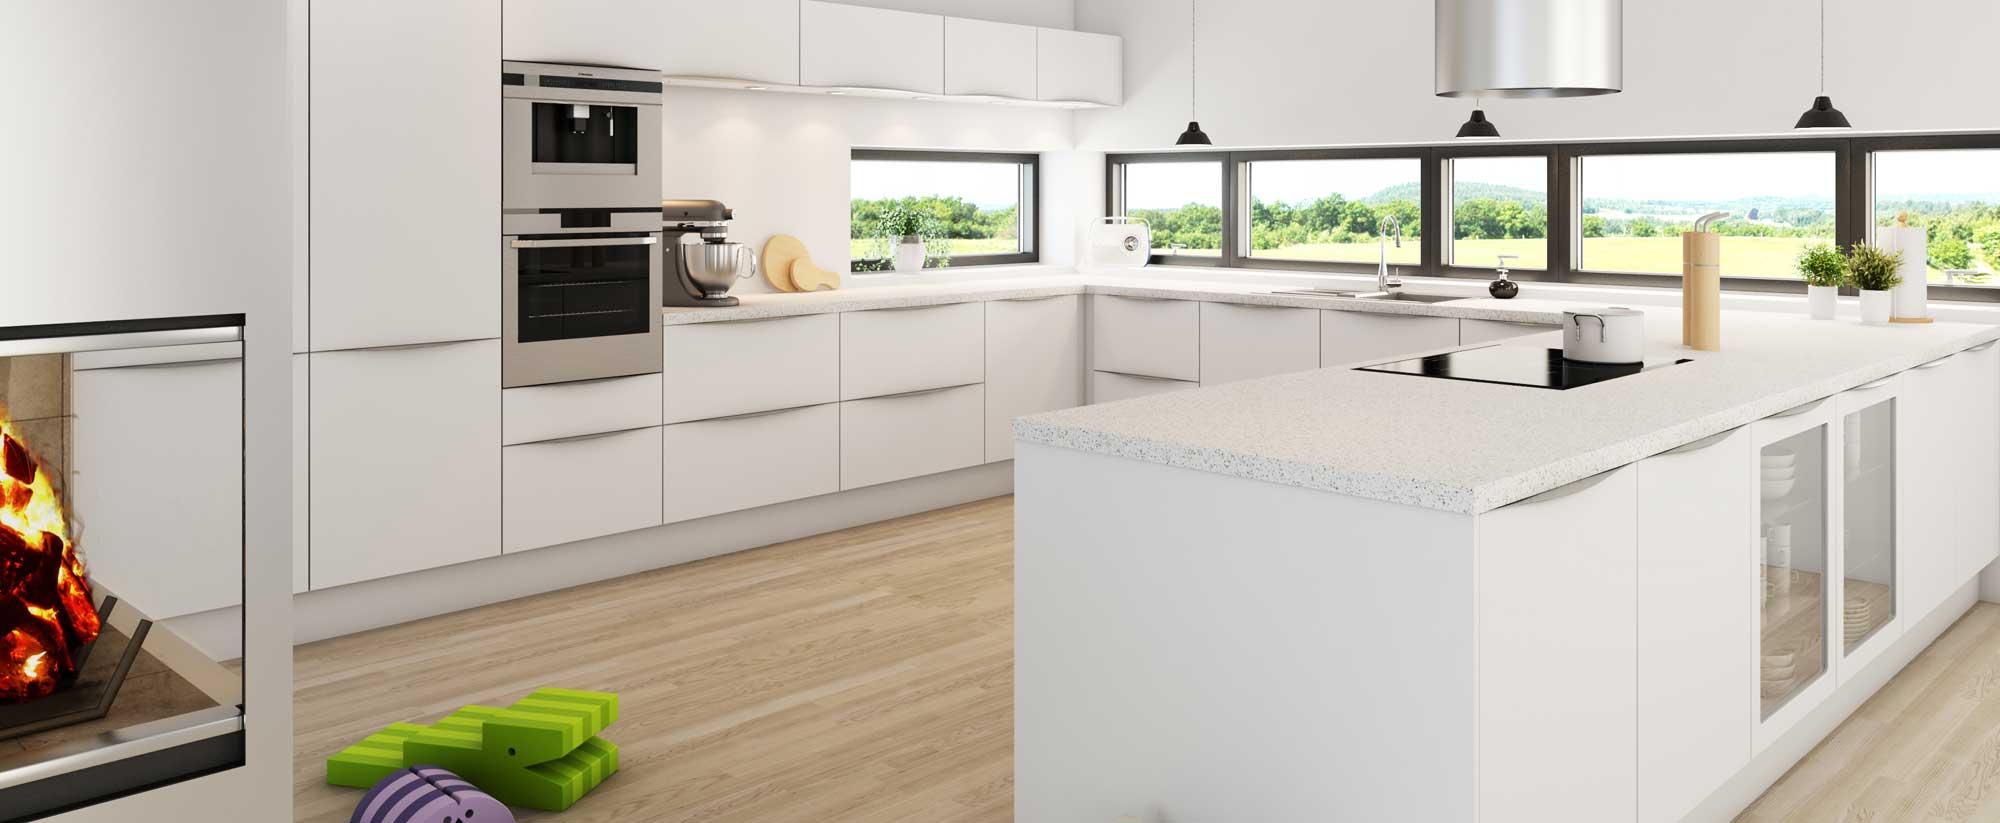 Kimbrer modulkøkken Nordlys - designet til ethvert budget. Snedkerkøkken, formkøkken, modulkøkken.